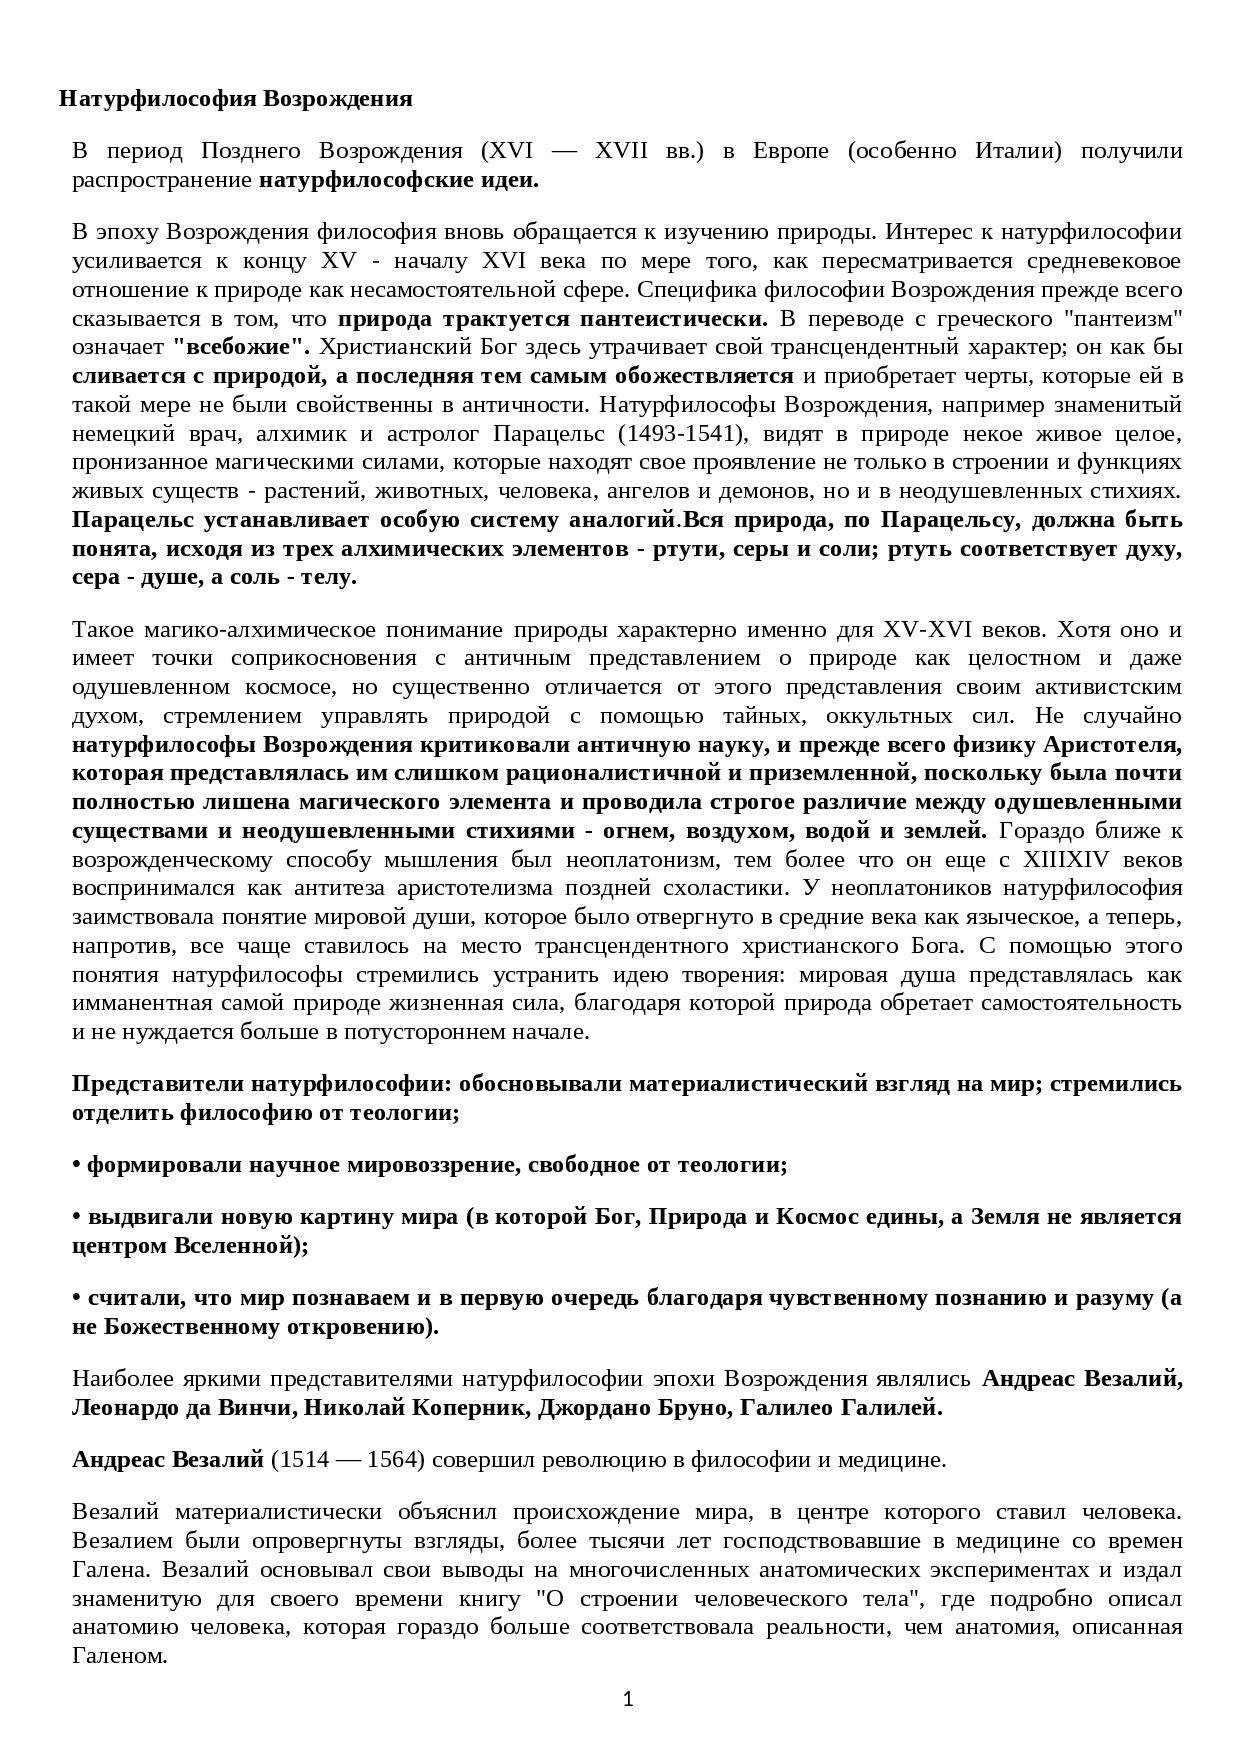 Характеристика пантеизма и основные мыслители